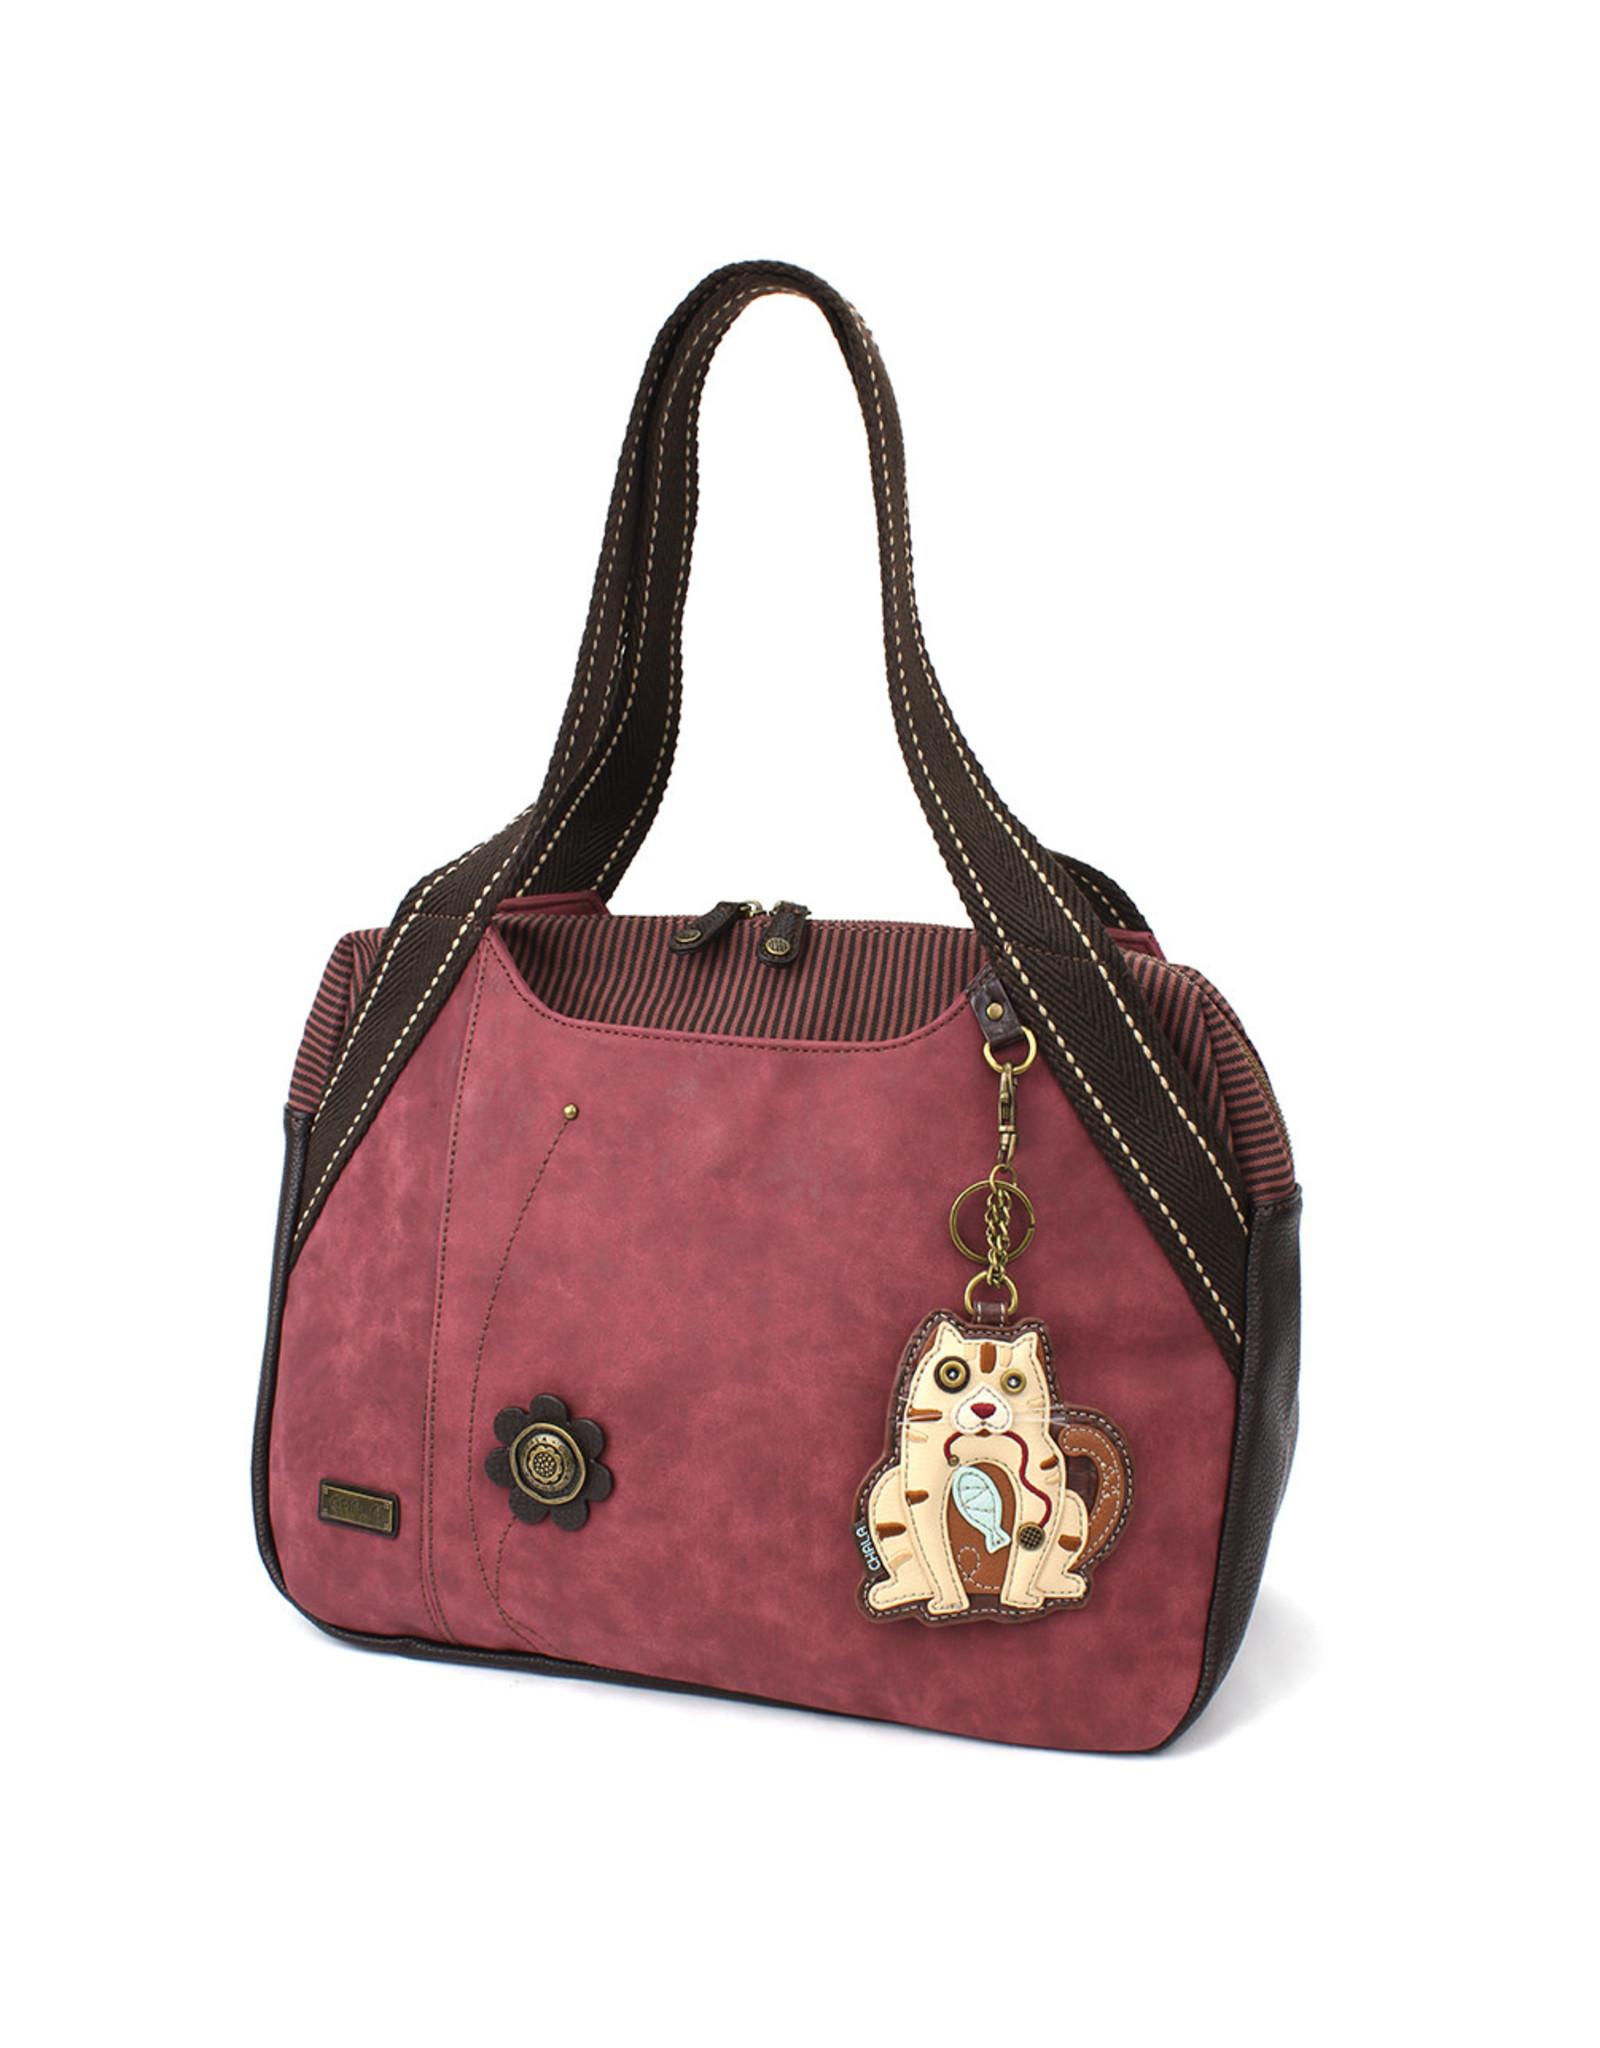 Chala Bowling Bag - Cat Gen II - Burgundy